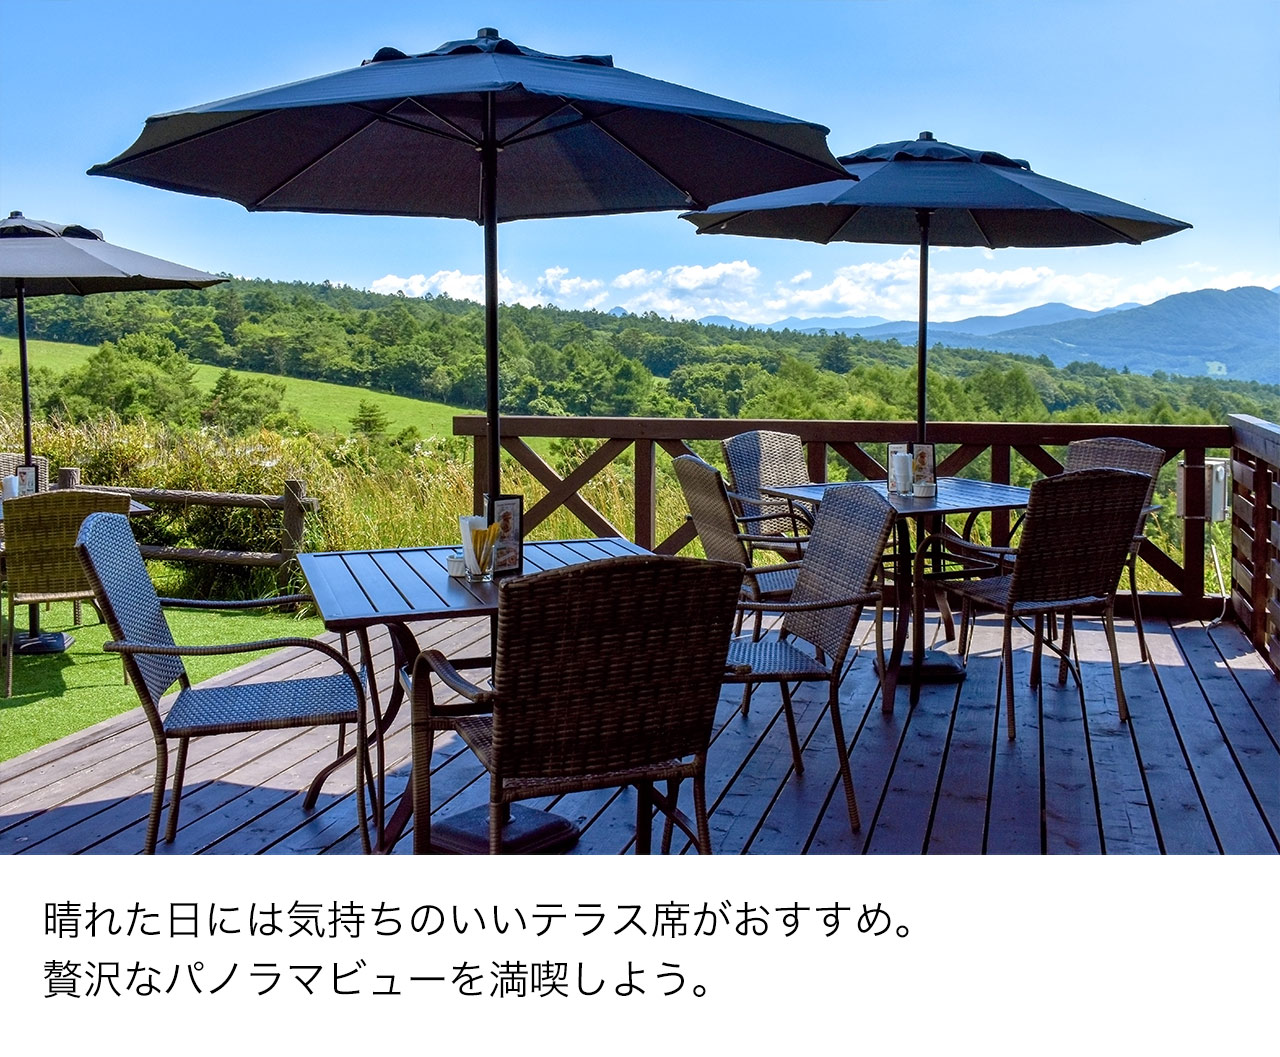 晴れた日には気持ちのいいテラス席がおすすめ。贅沢なパノラマビューを満喫しよう。